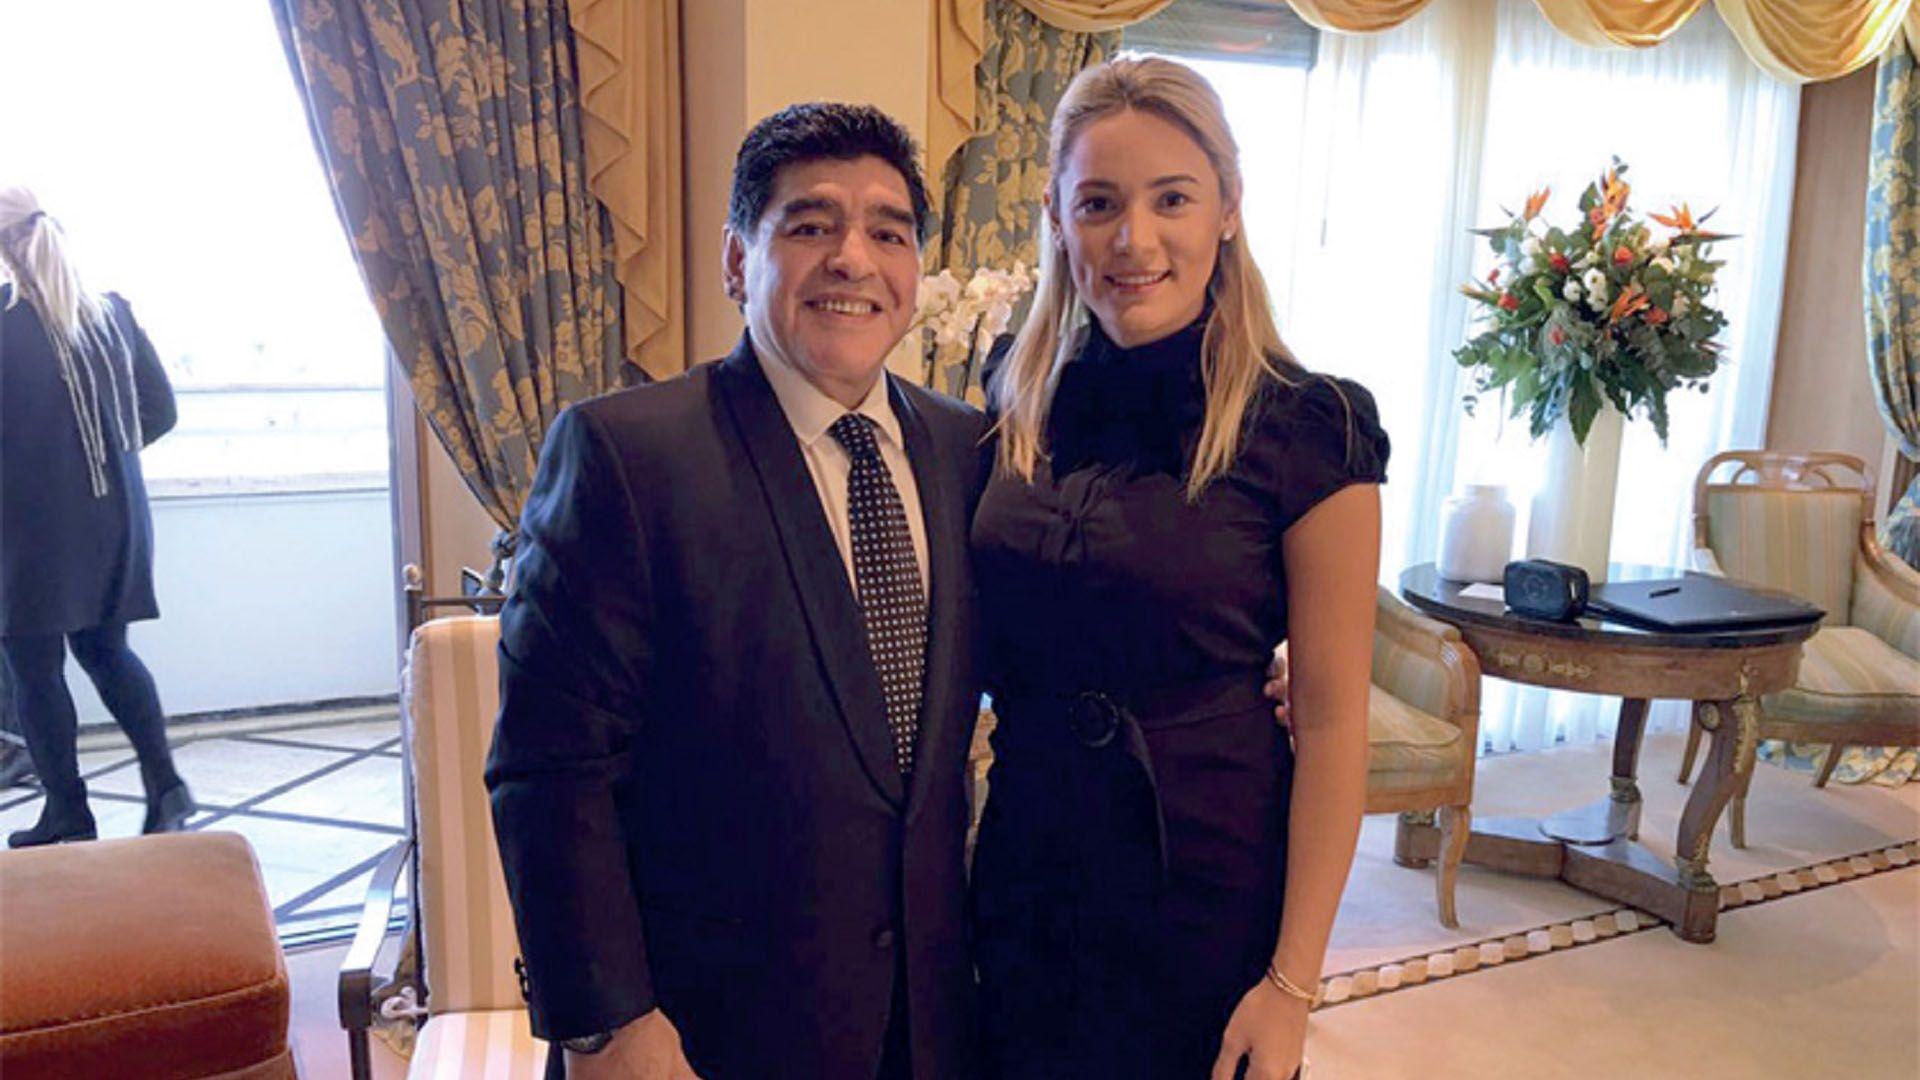 Diego Maradona: Rocío Oliva está fuera de mi vida, me hizo de todo